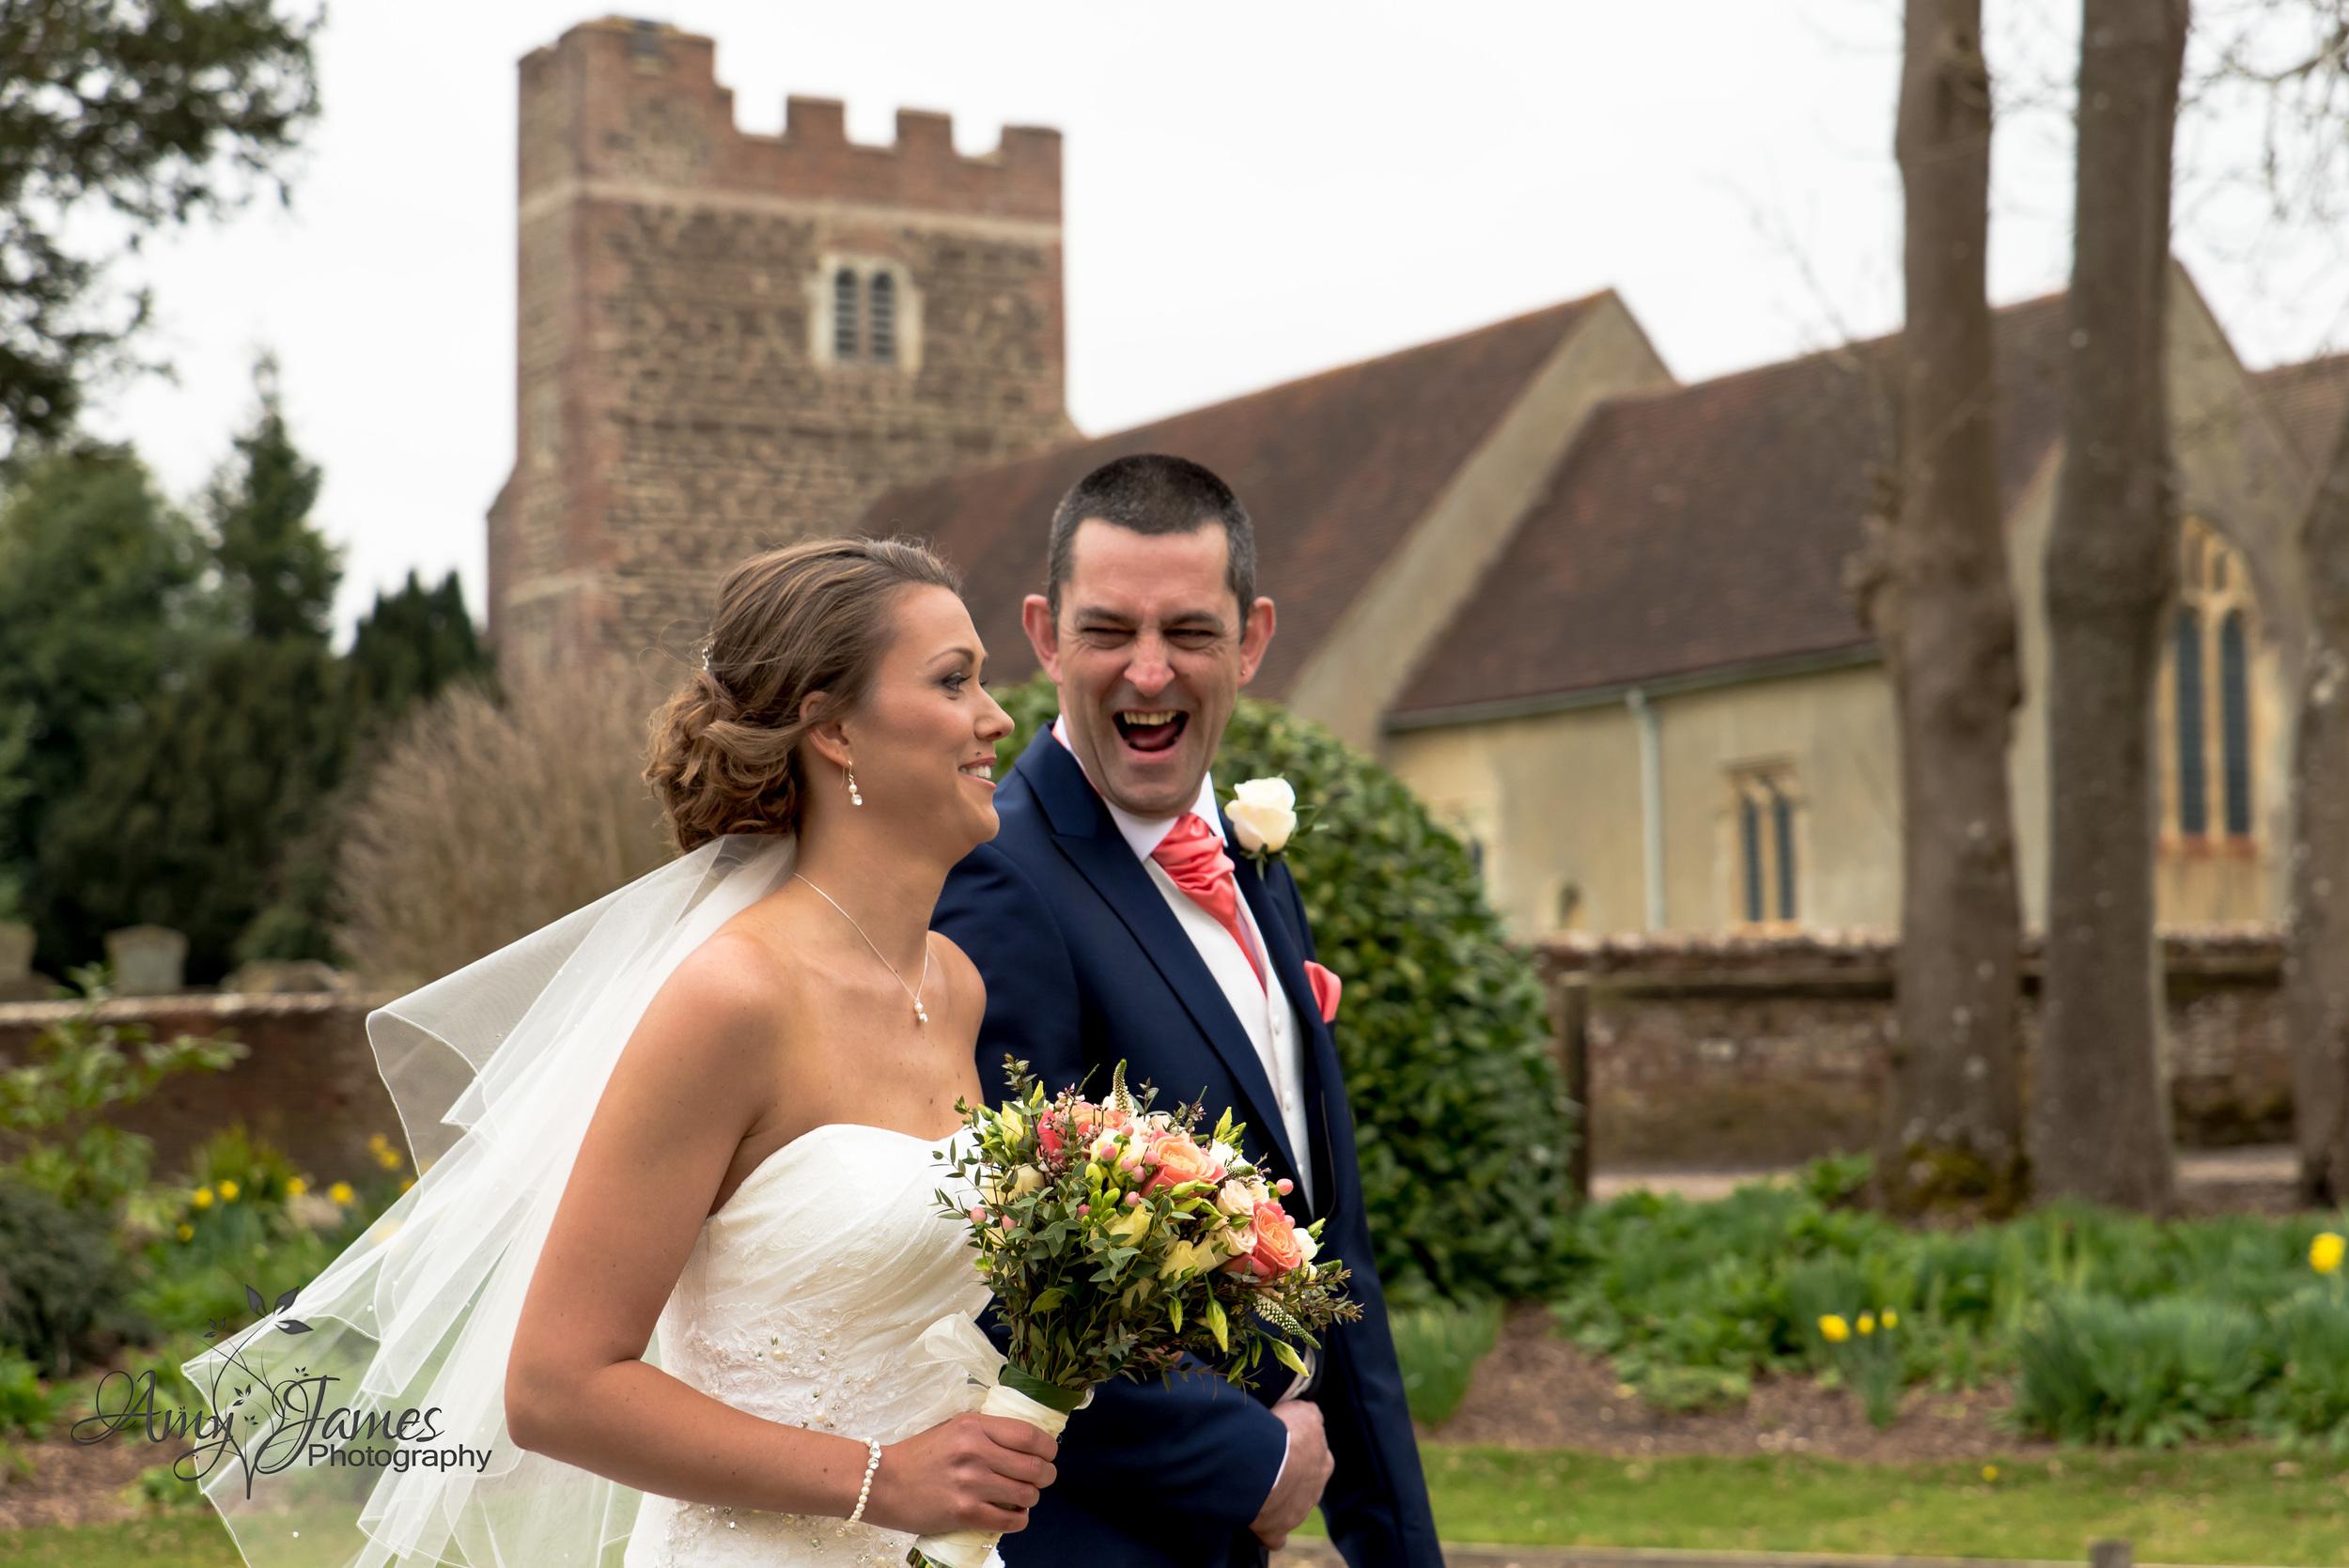 Fleet wedding photographer / highfield park wedding photographer